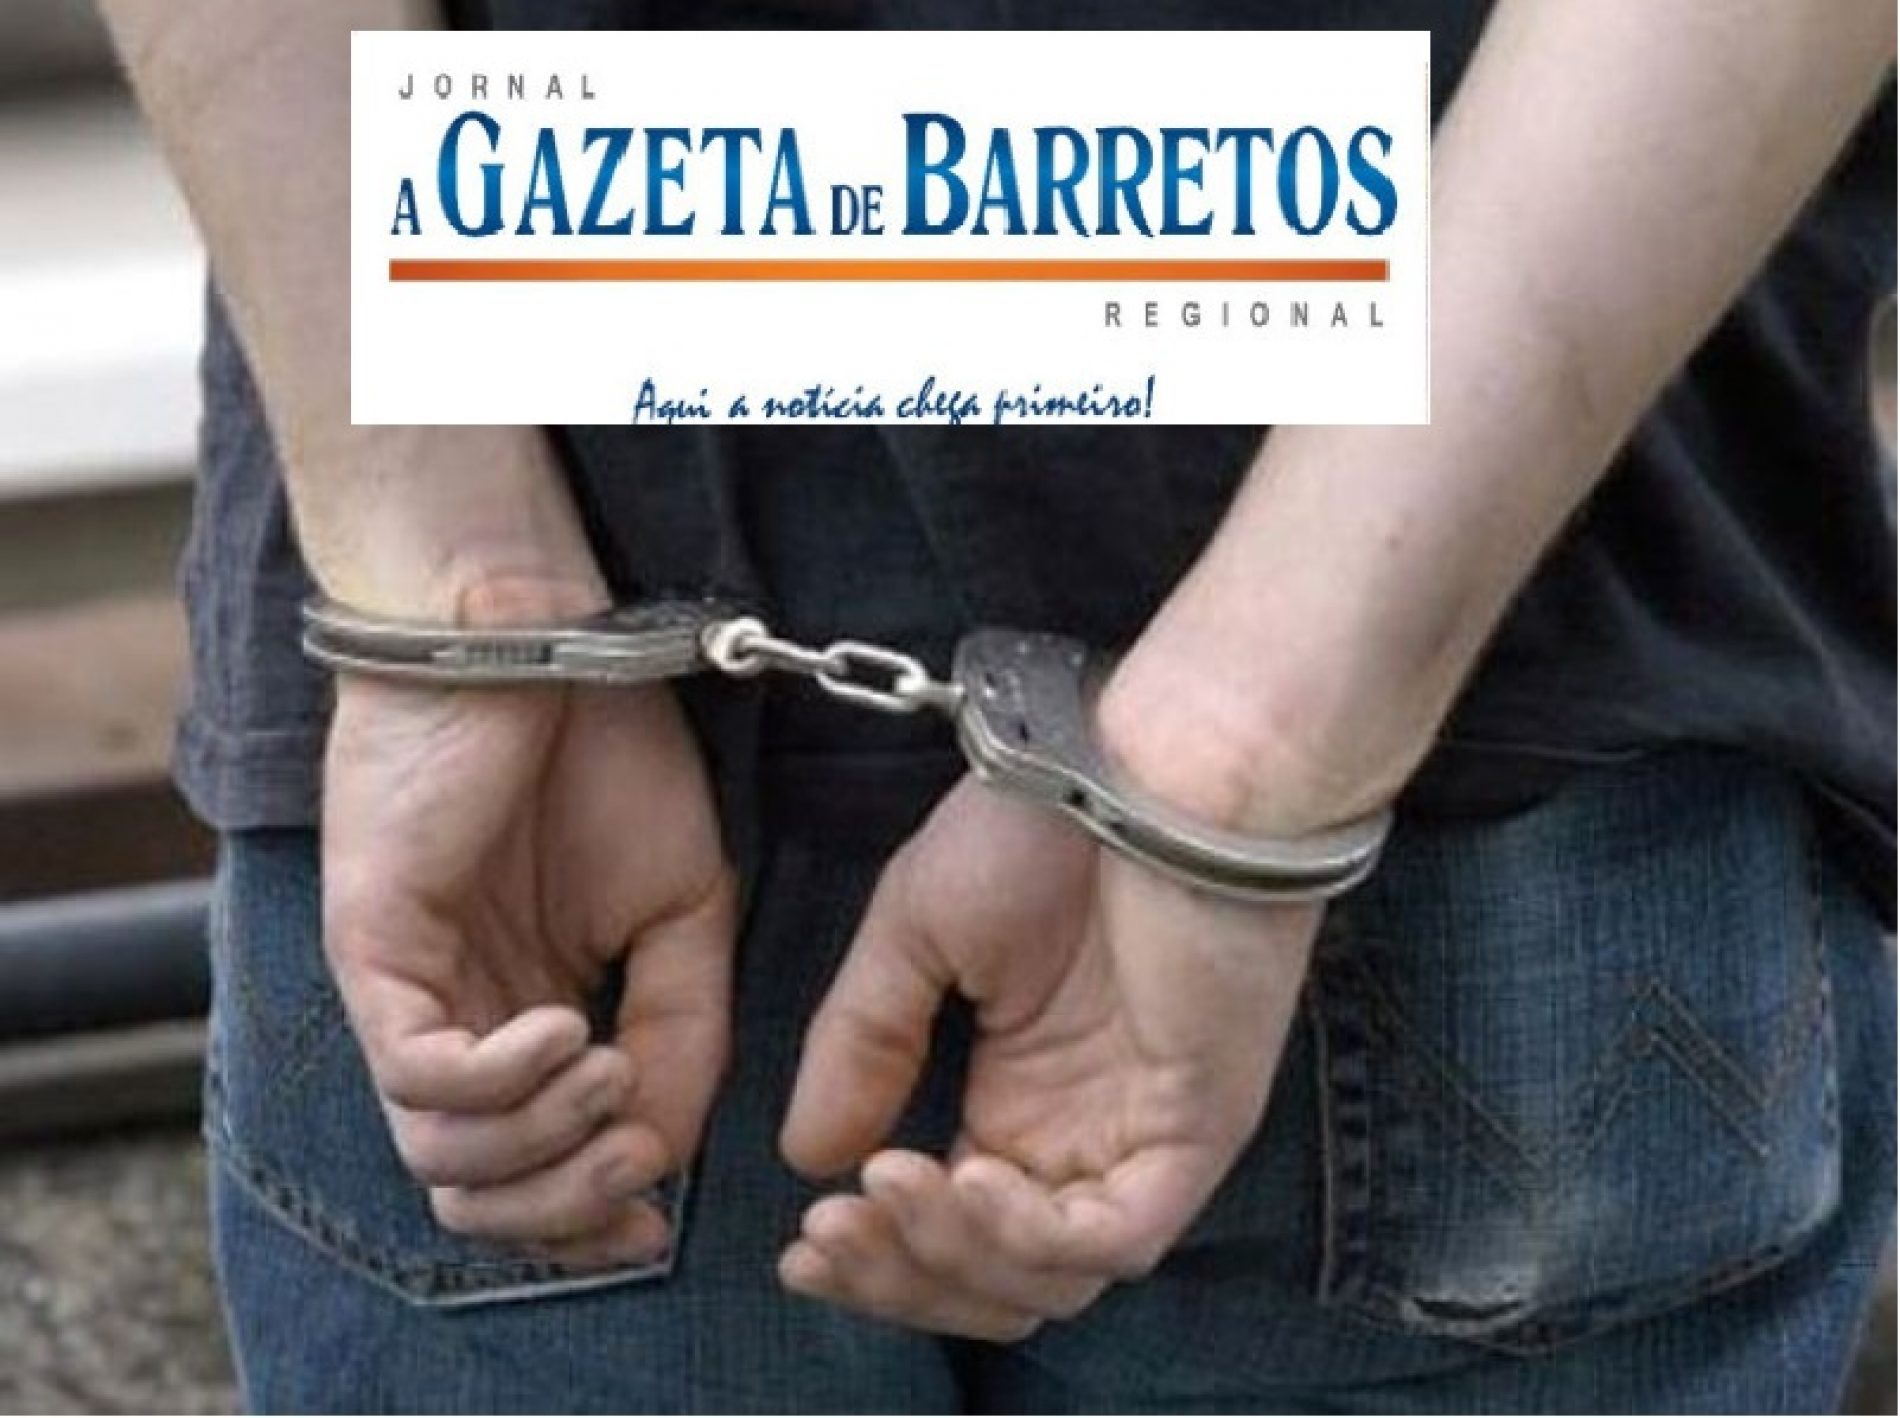 Menor é detido com cocaína no bairro Santana